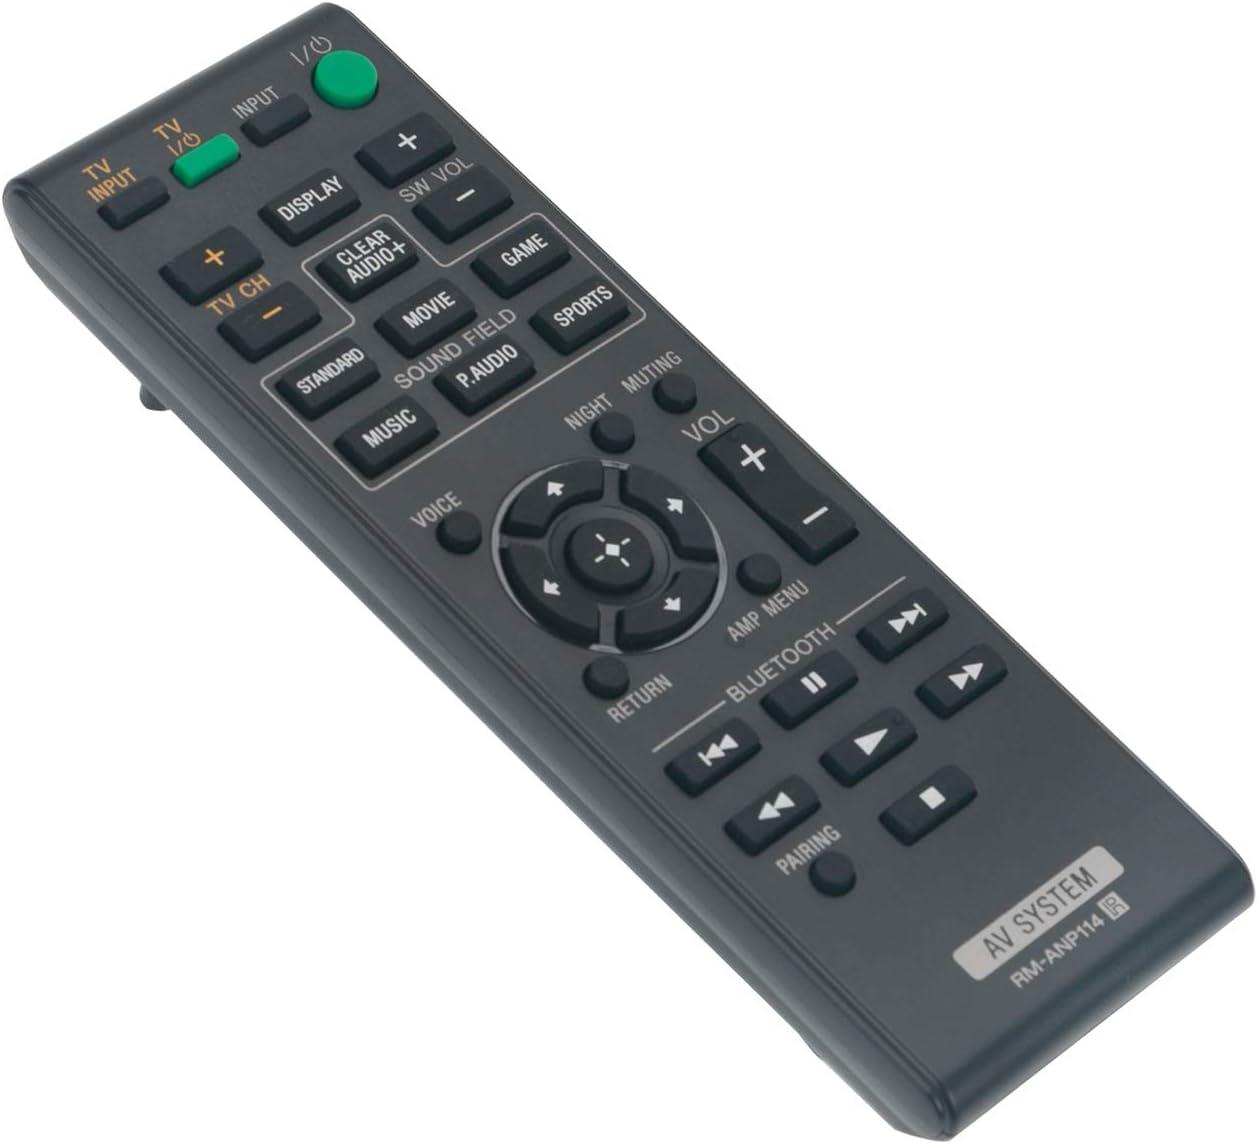 New RM-ANP114 RMANP114 Replace IR Remote Control fit for Sony Sound Bar Soundbar Speaker Audio Home Theater System HT-CT770 HT-CT370 HT-CT380 HT-CT780 1-492-737-11 149273711 HTCT770 HTCT370 HTCT380